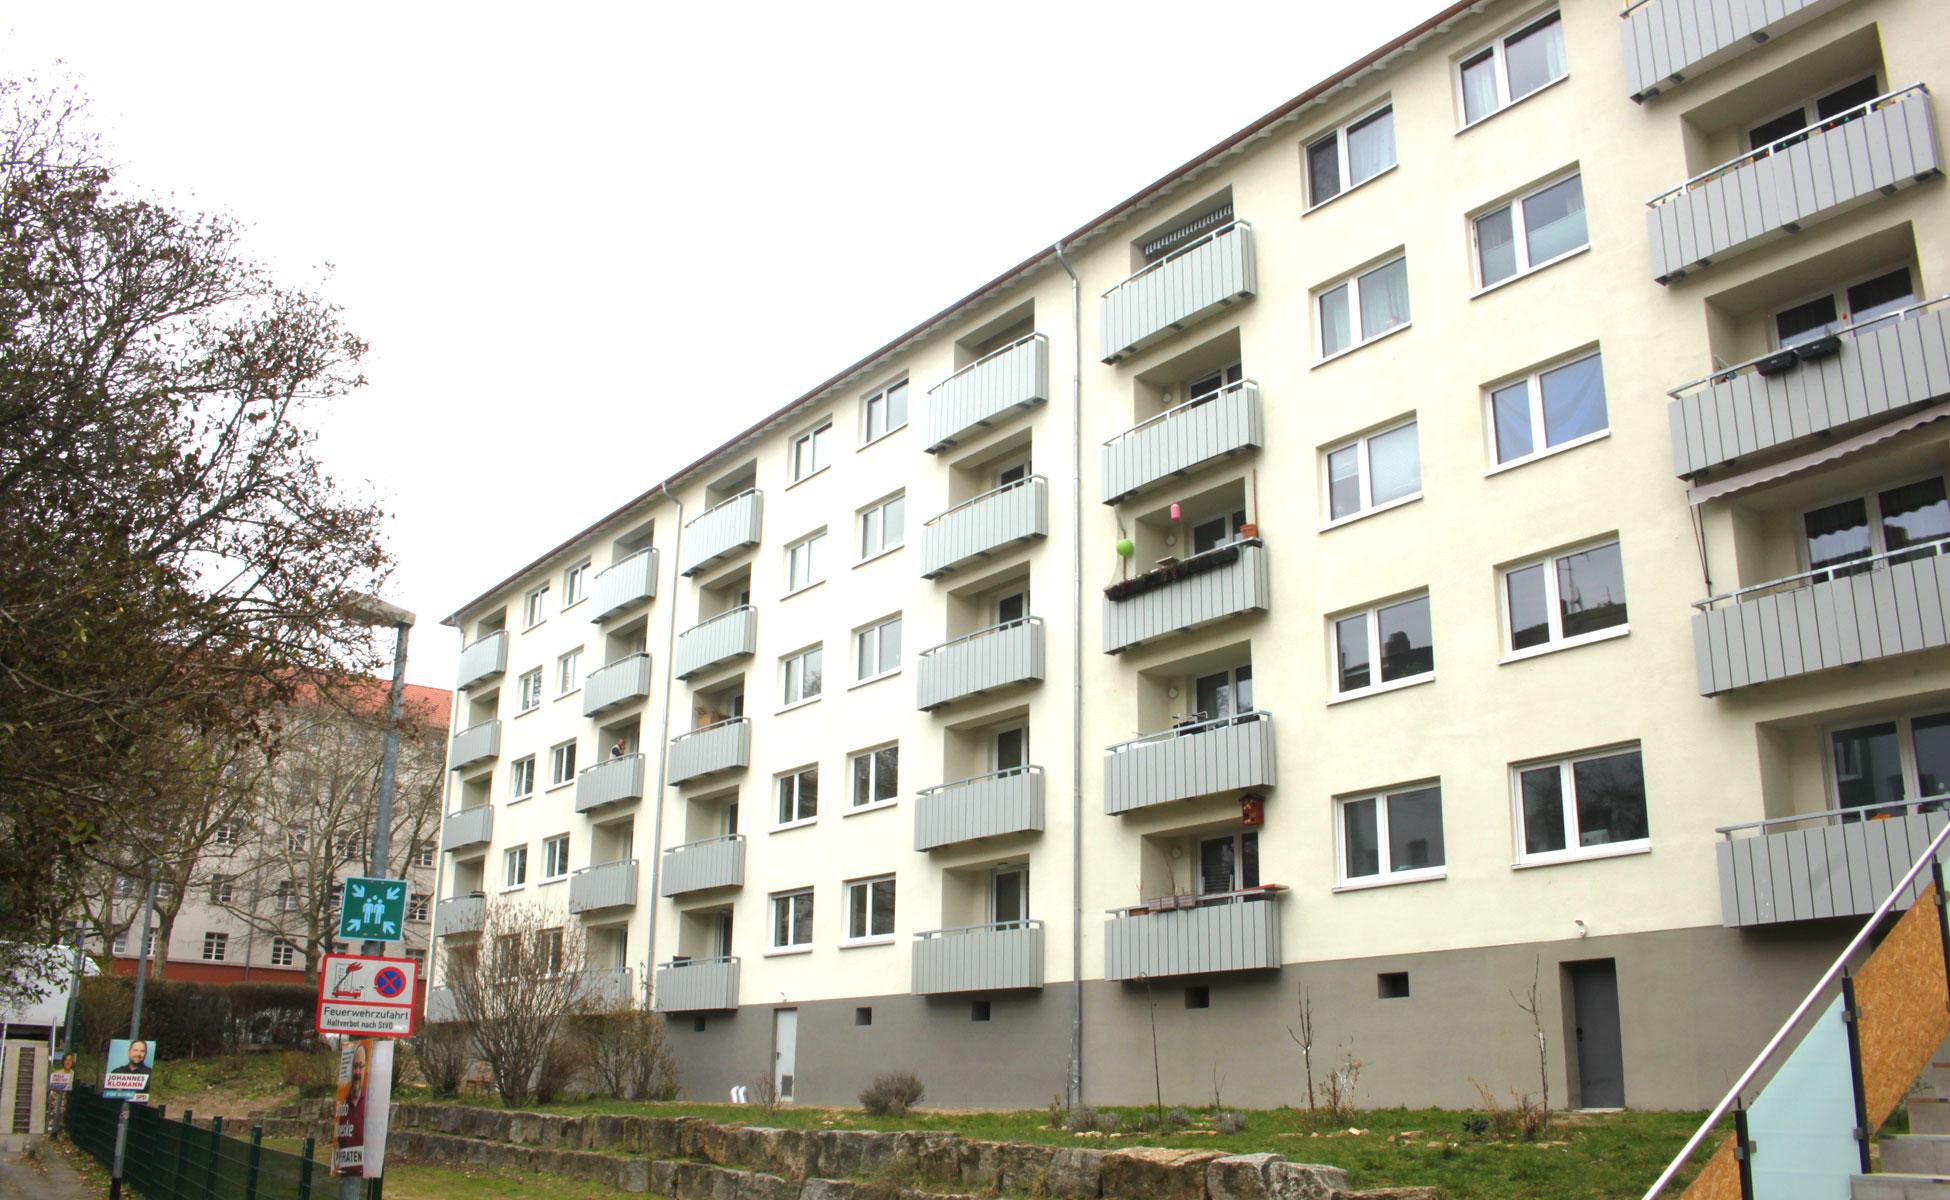 Referenz Art Objektbau Mainz-10